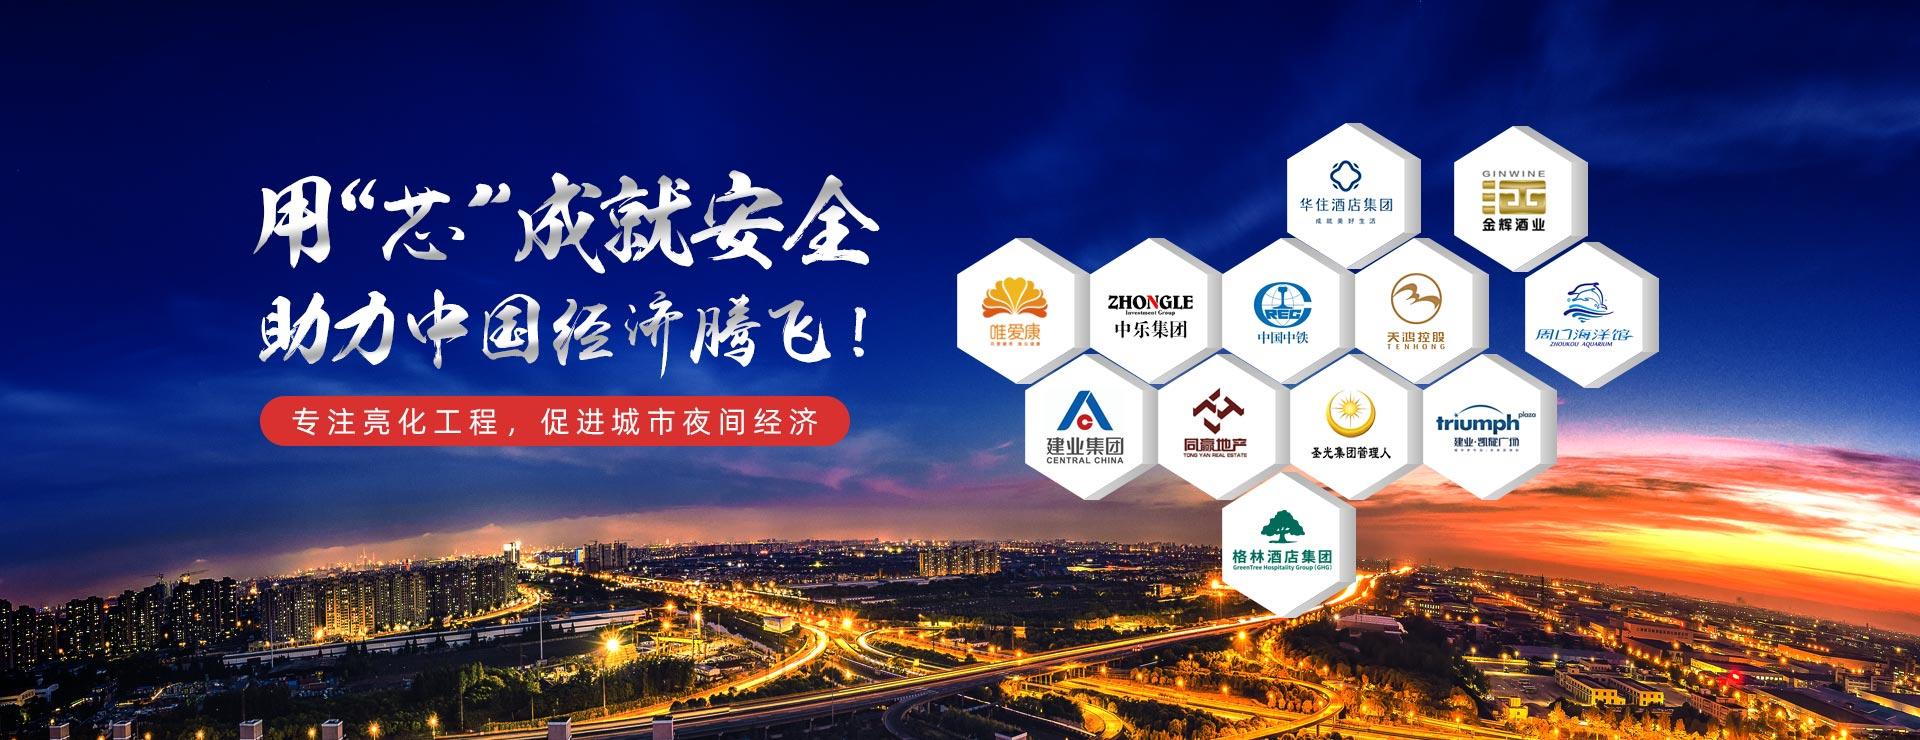 明亮照明,用芯成就安全,助力中国经济腾飞